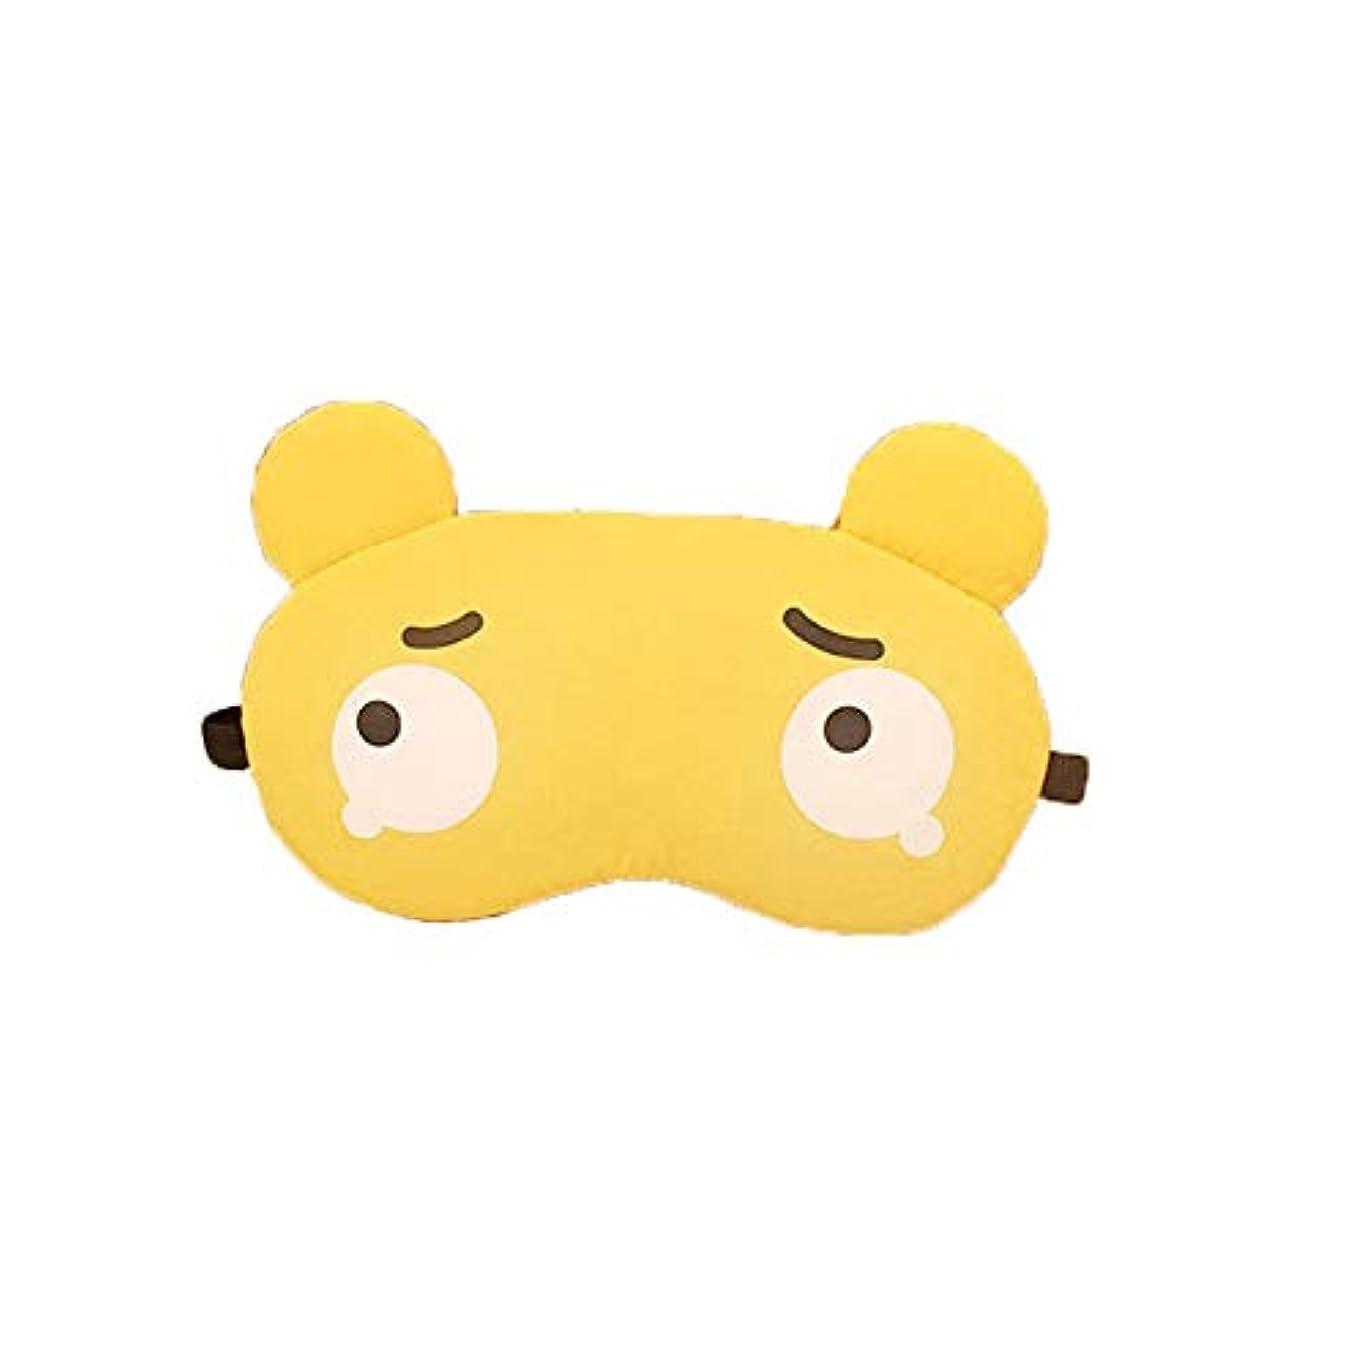 行うペリスコープピルNOTE ソフトスリーピングマスクアイパッチポータブルアイマスク快適な少し悲しい顔漫画シェードカバー旅行リラックス睡眠補助MP0140